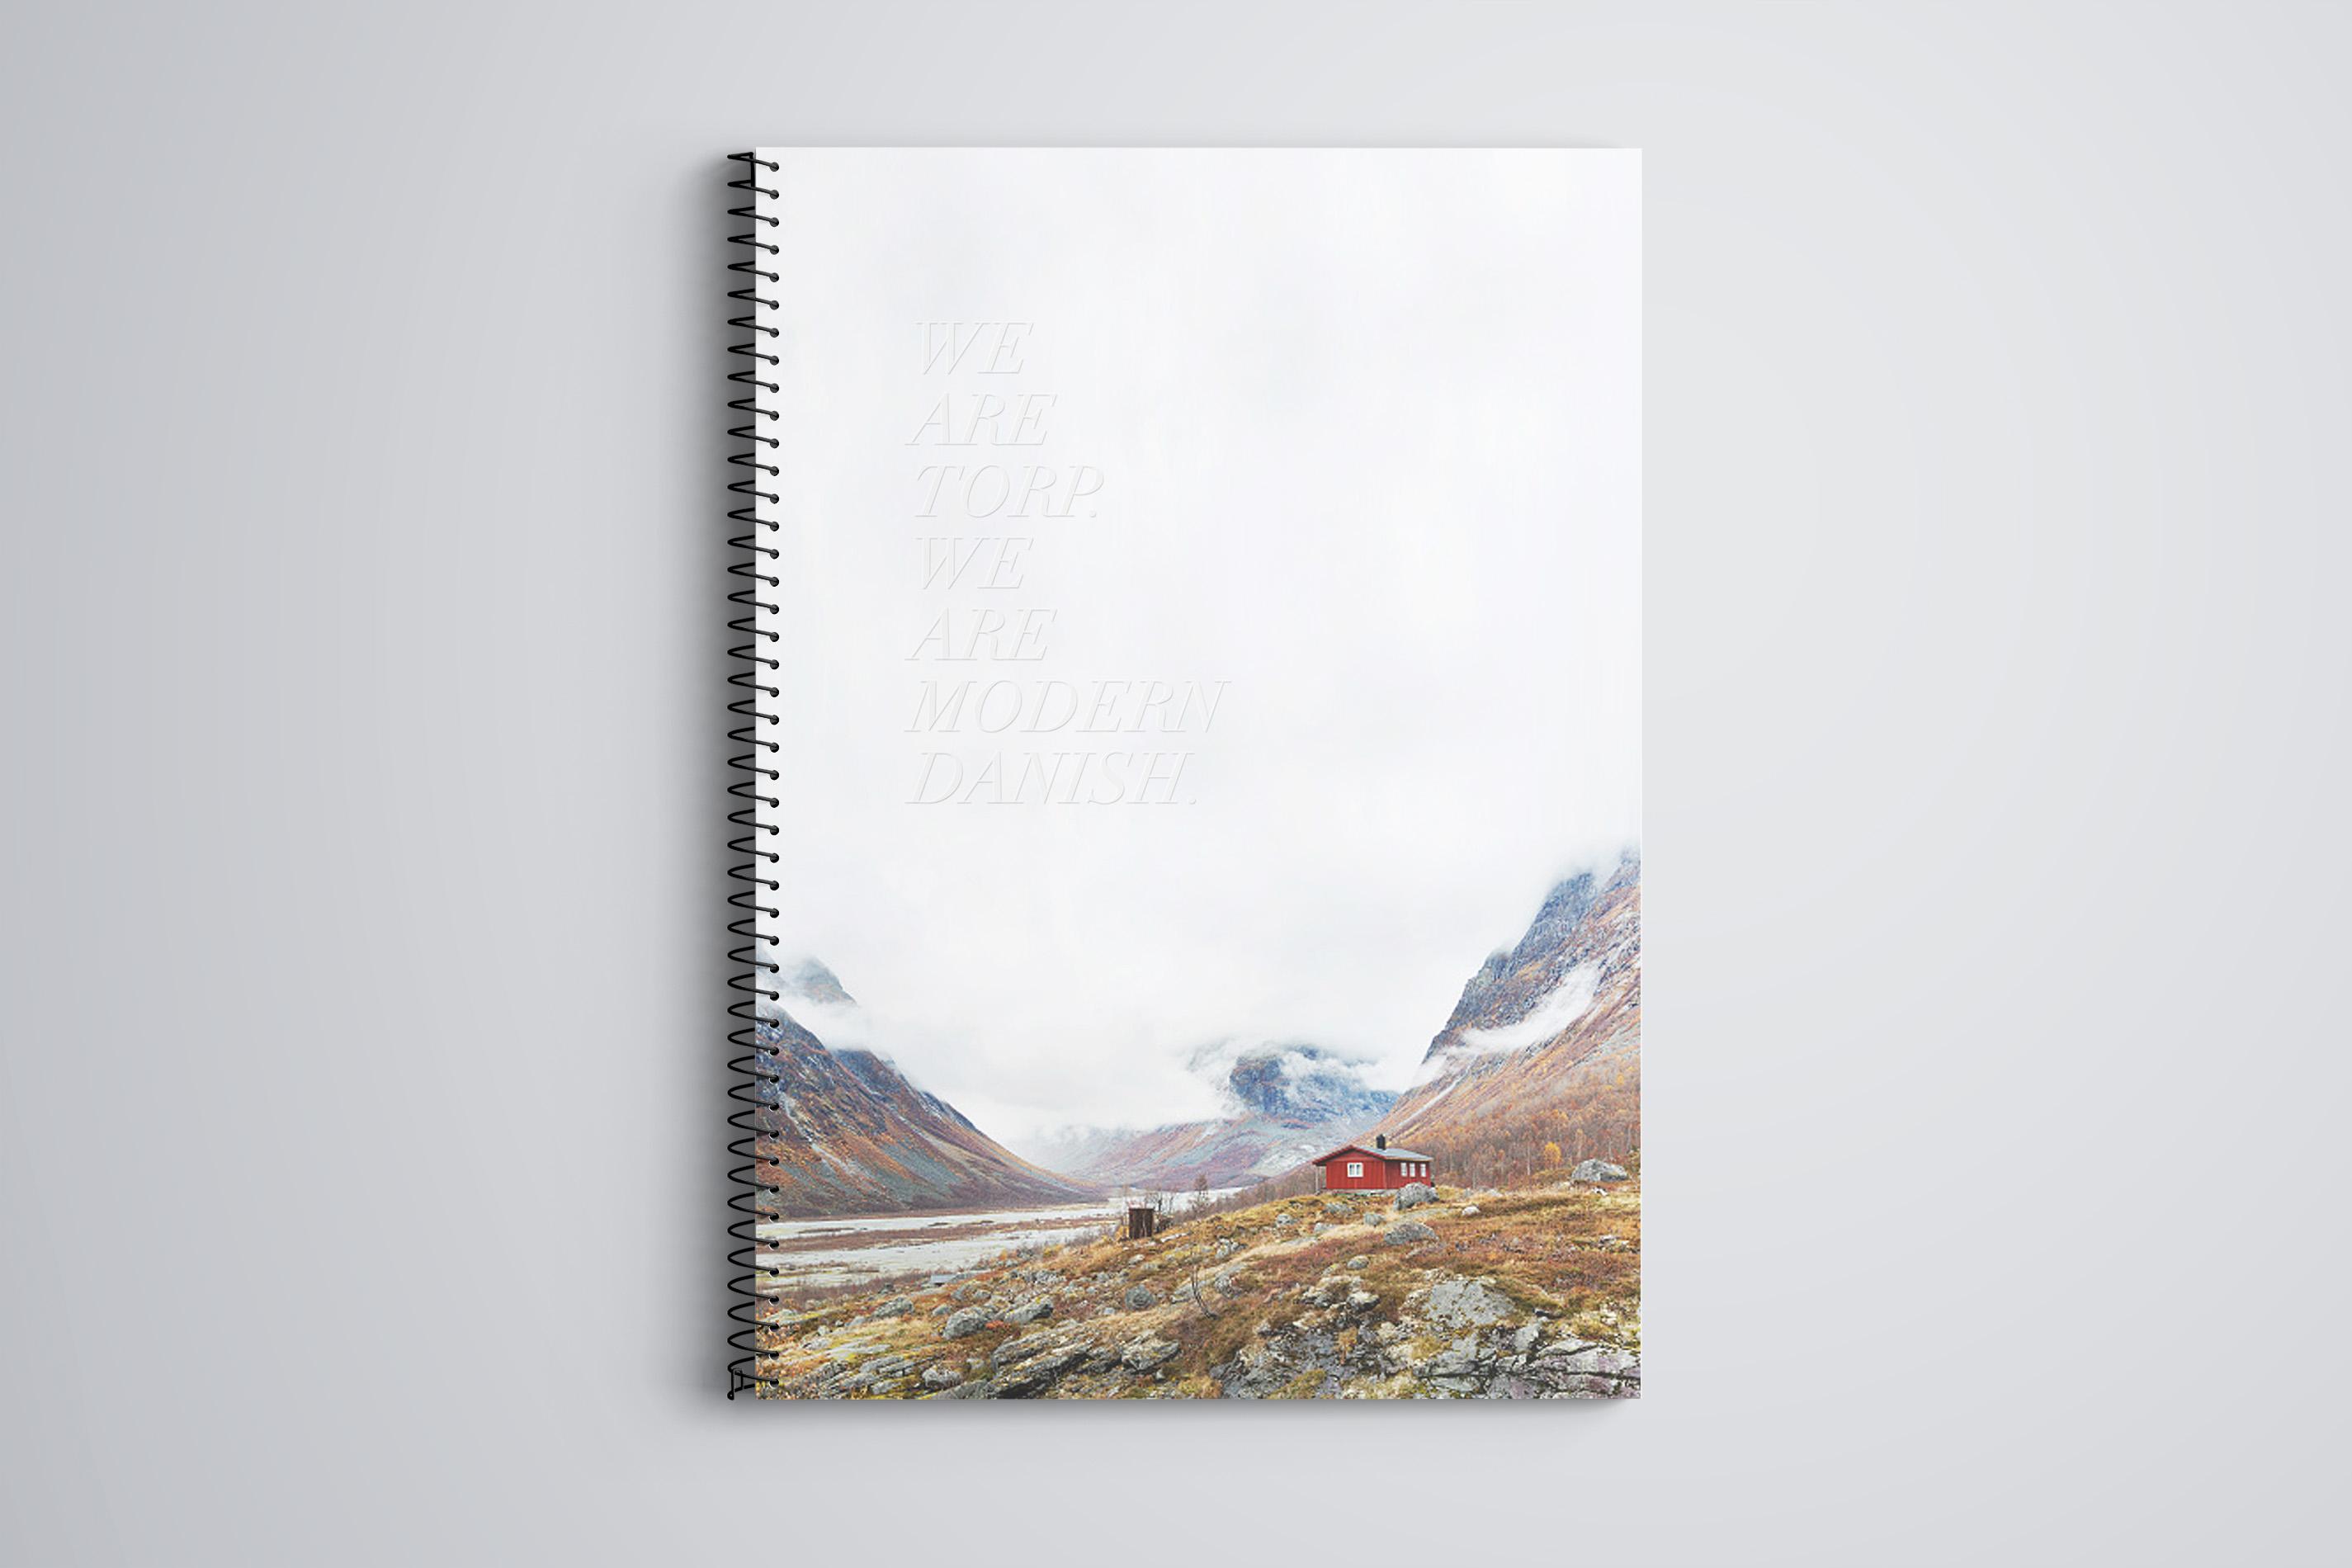 Torp_Notebook